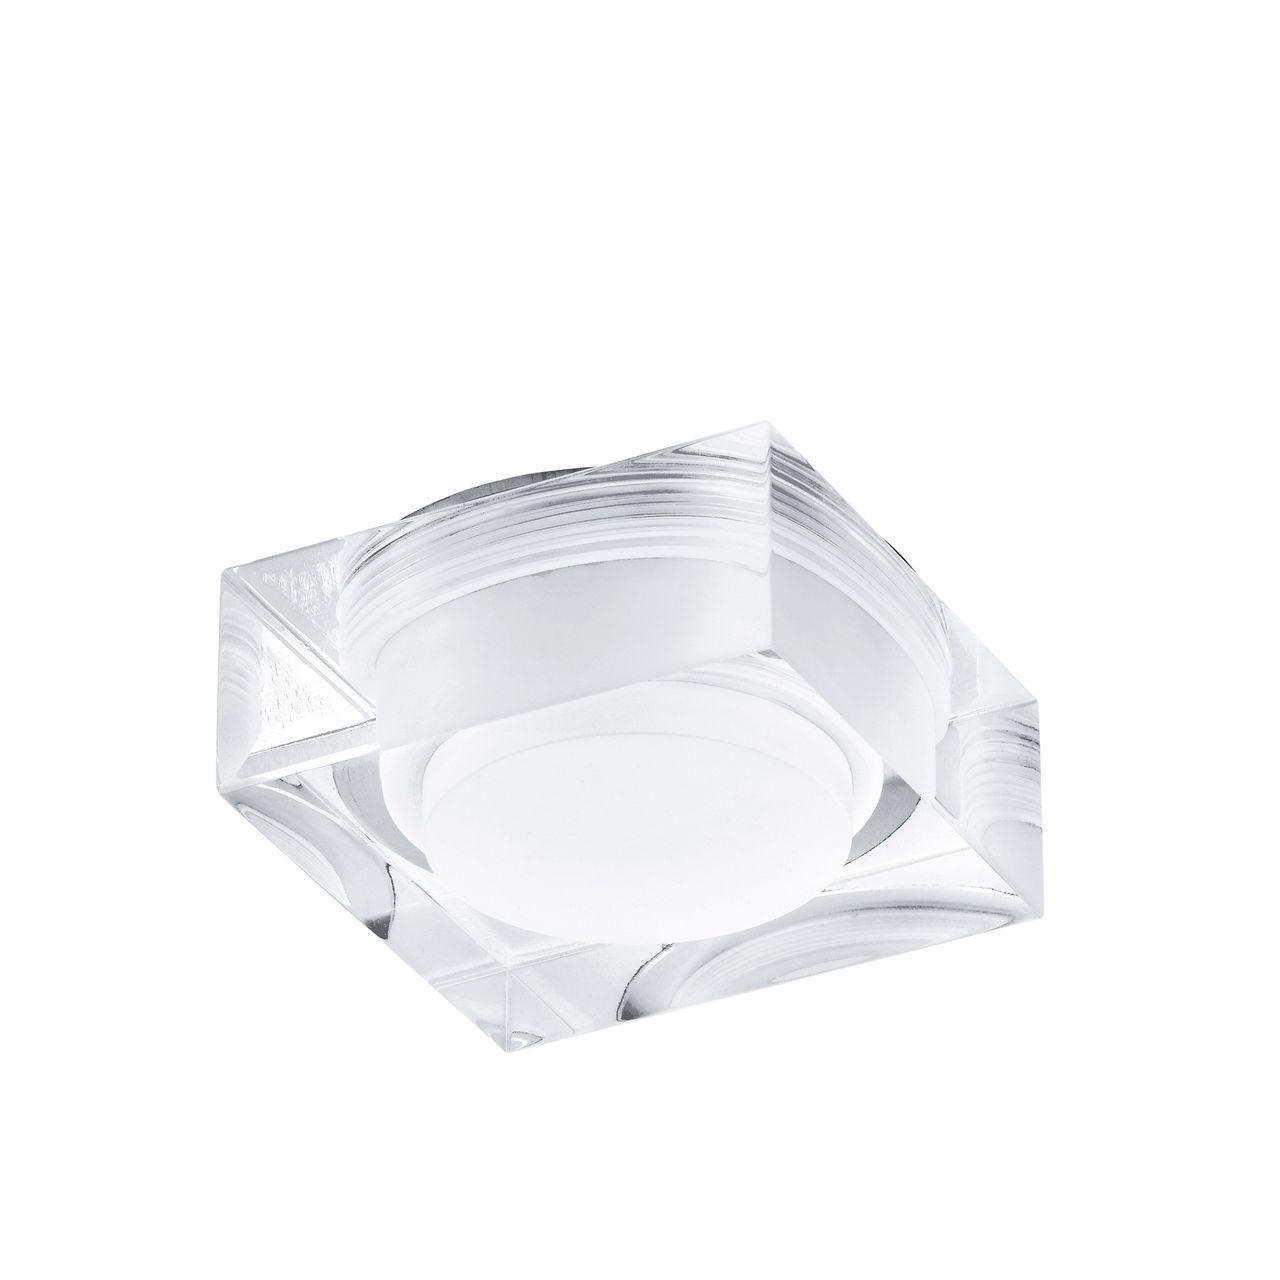 Встраиваемый светильник Eglo Tortoli 92681 eglo 92681